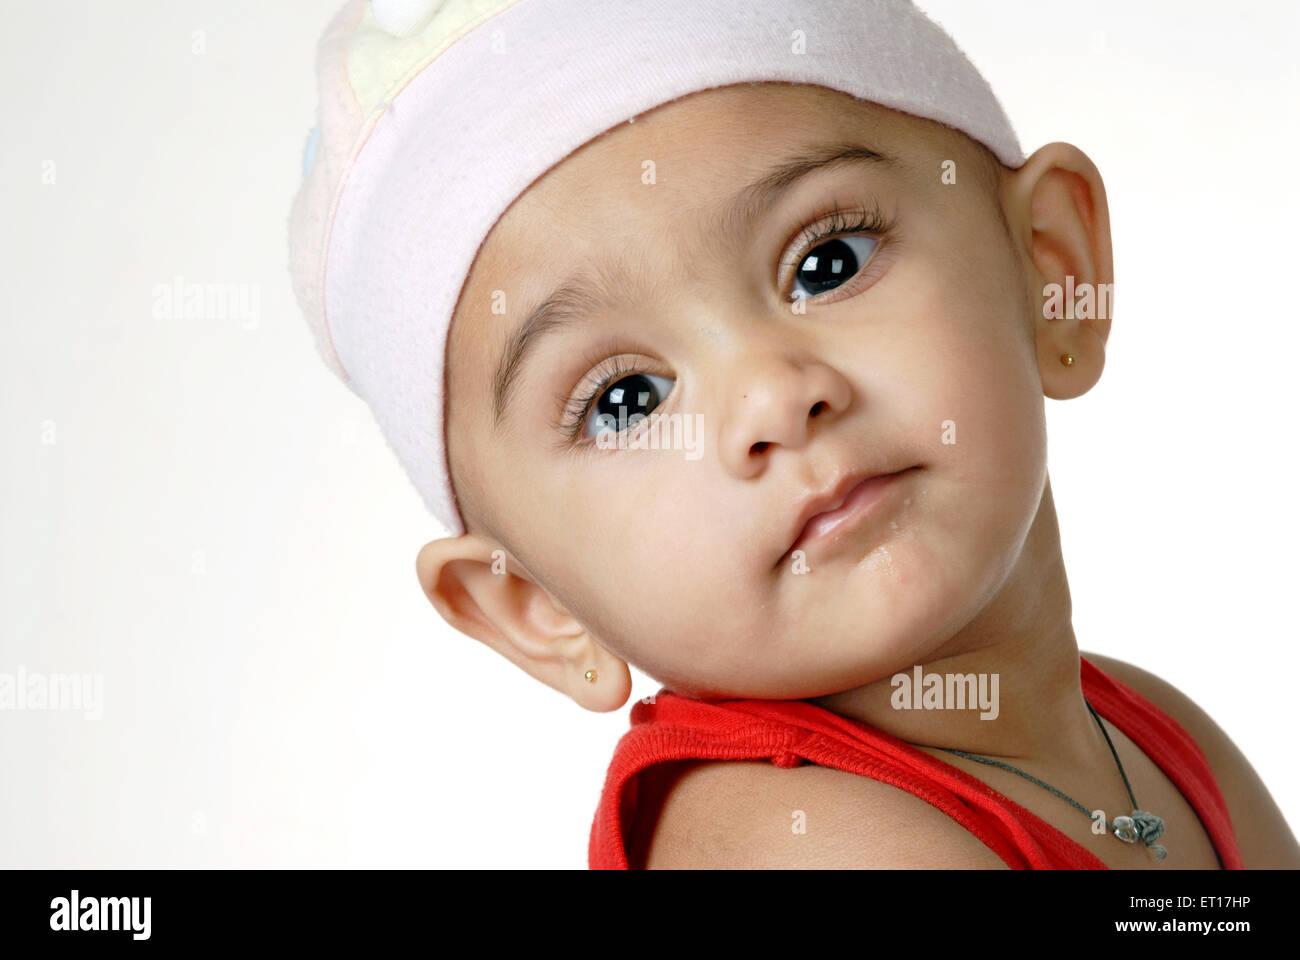 india boy cap stock photos india boy cap stock images alamy